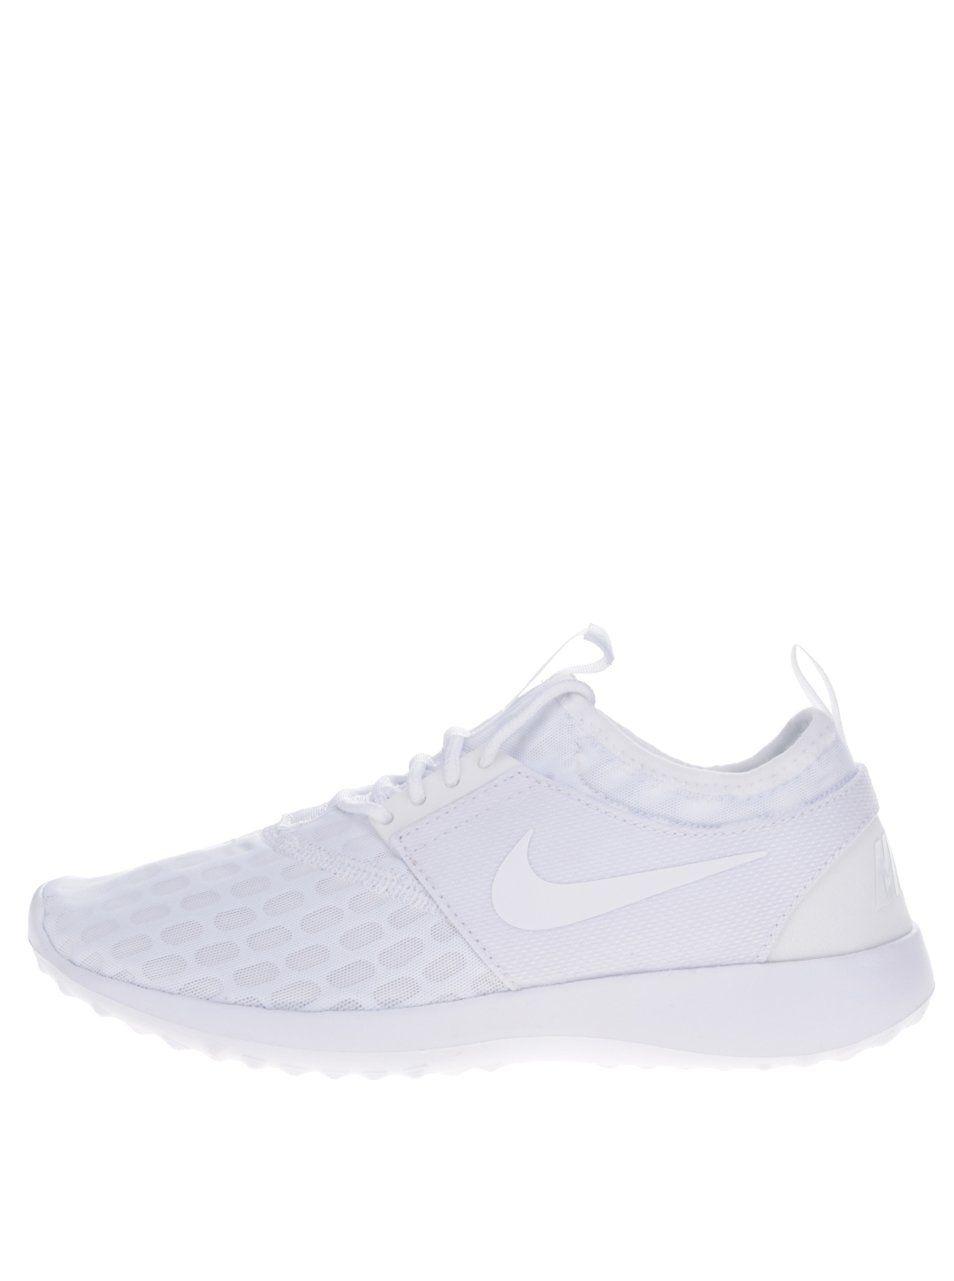 d895e8772 Bílé dámské tenisky Nike Juvenate 2289 Kč   moje-tenisky.cz   Dámské ...